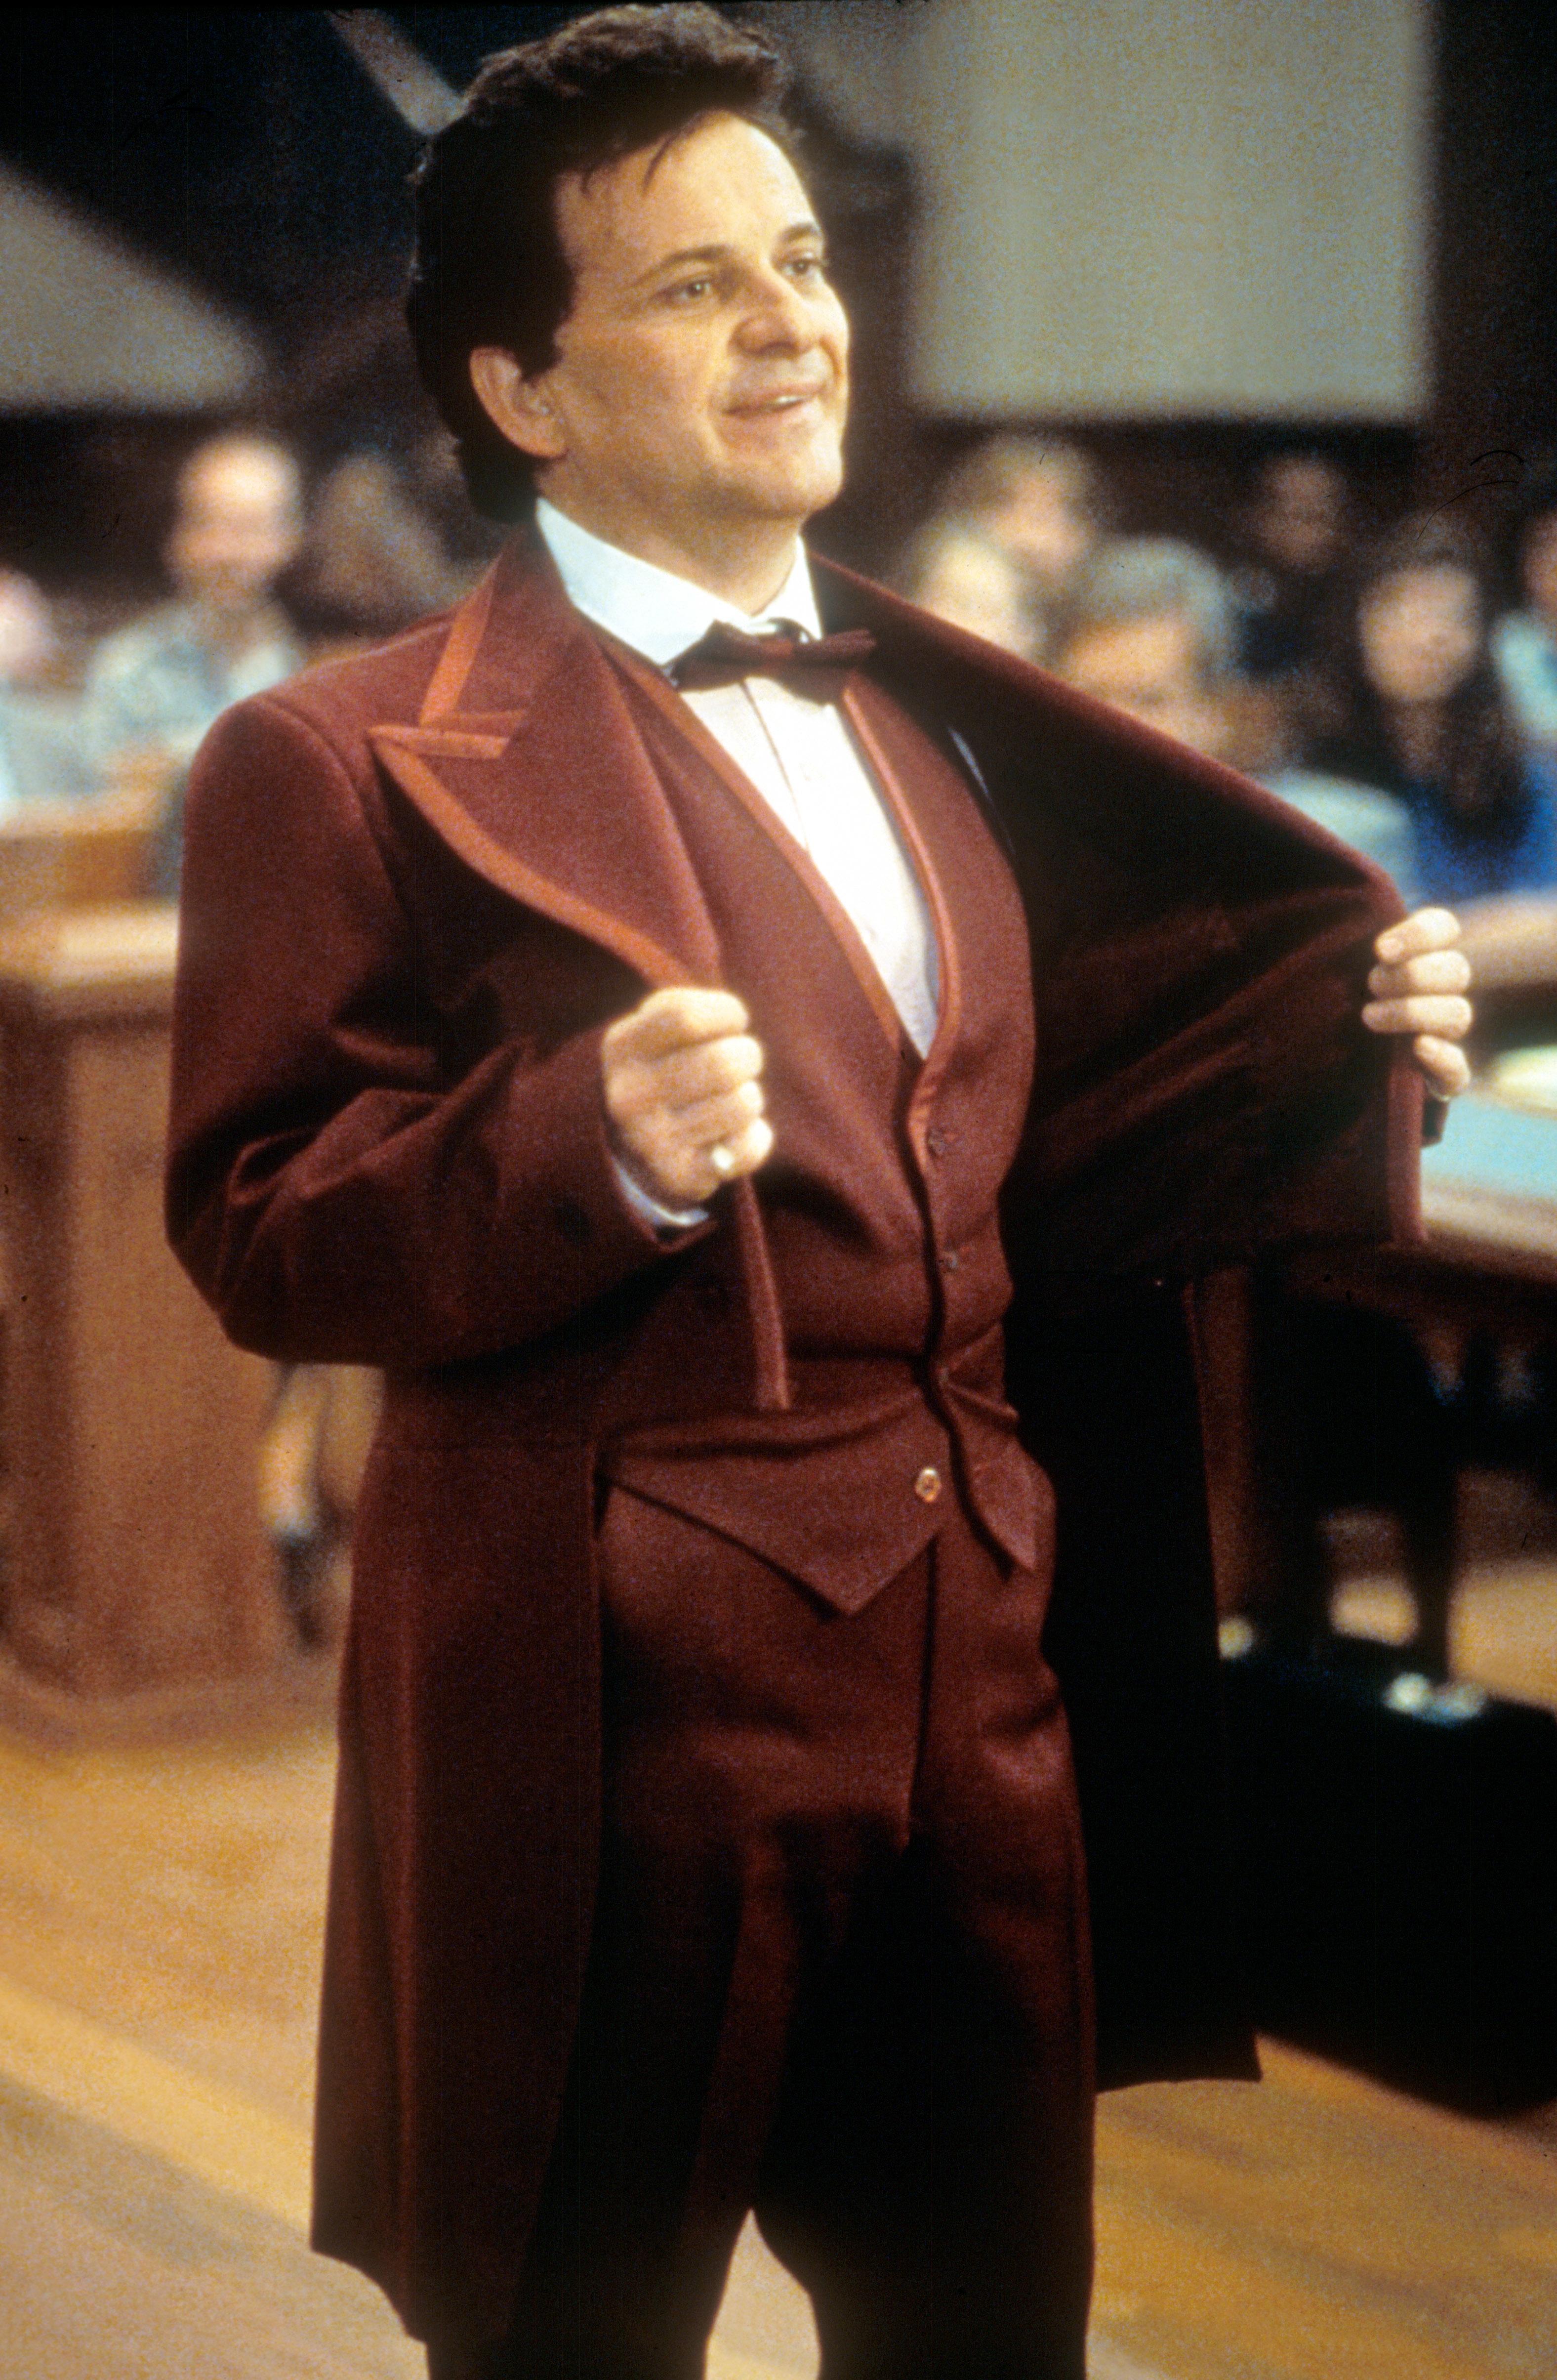 """Joe Pesci as Vincent LaGuardia """"Vinny"""" Gambini in """"My Cousin Vinny"""""""